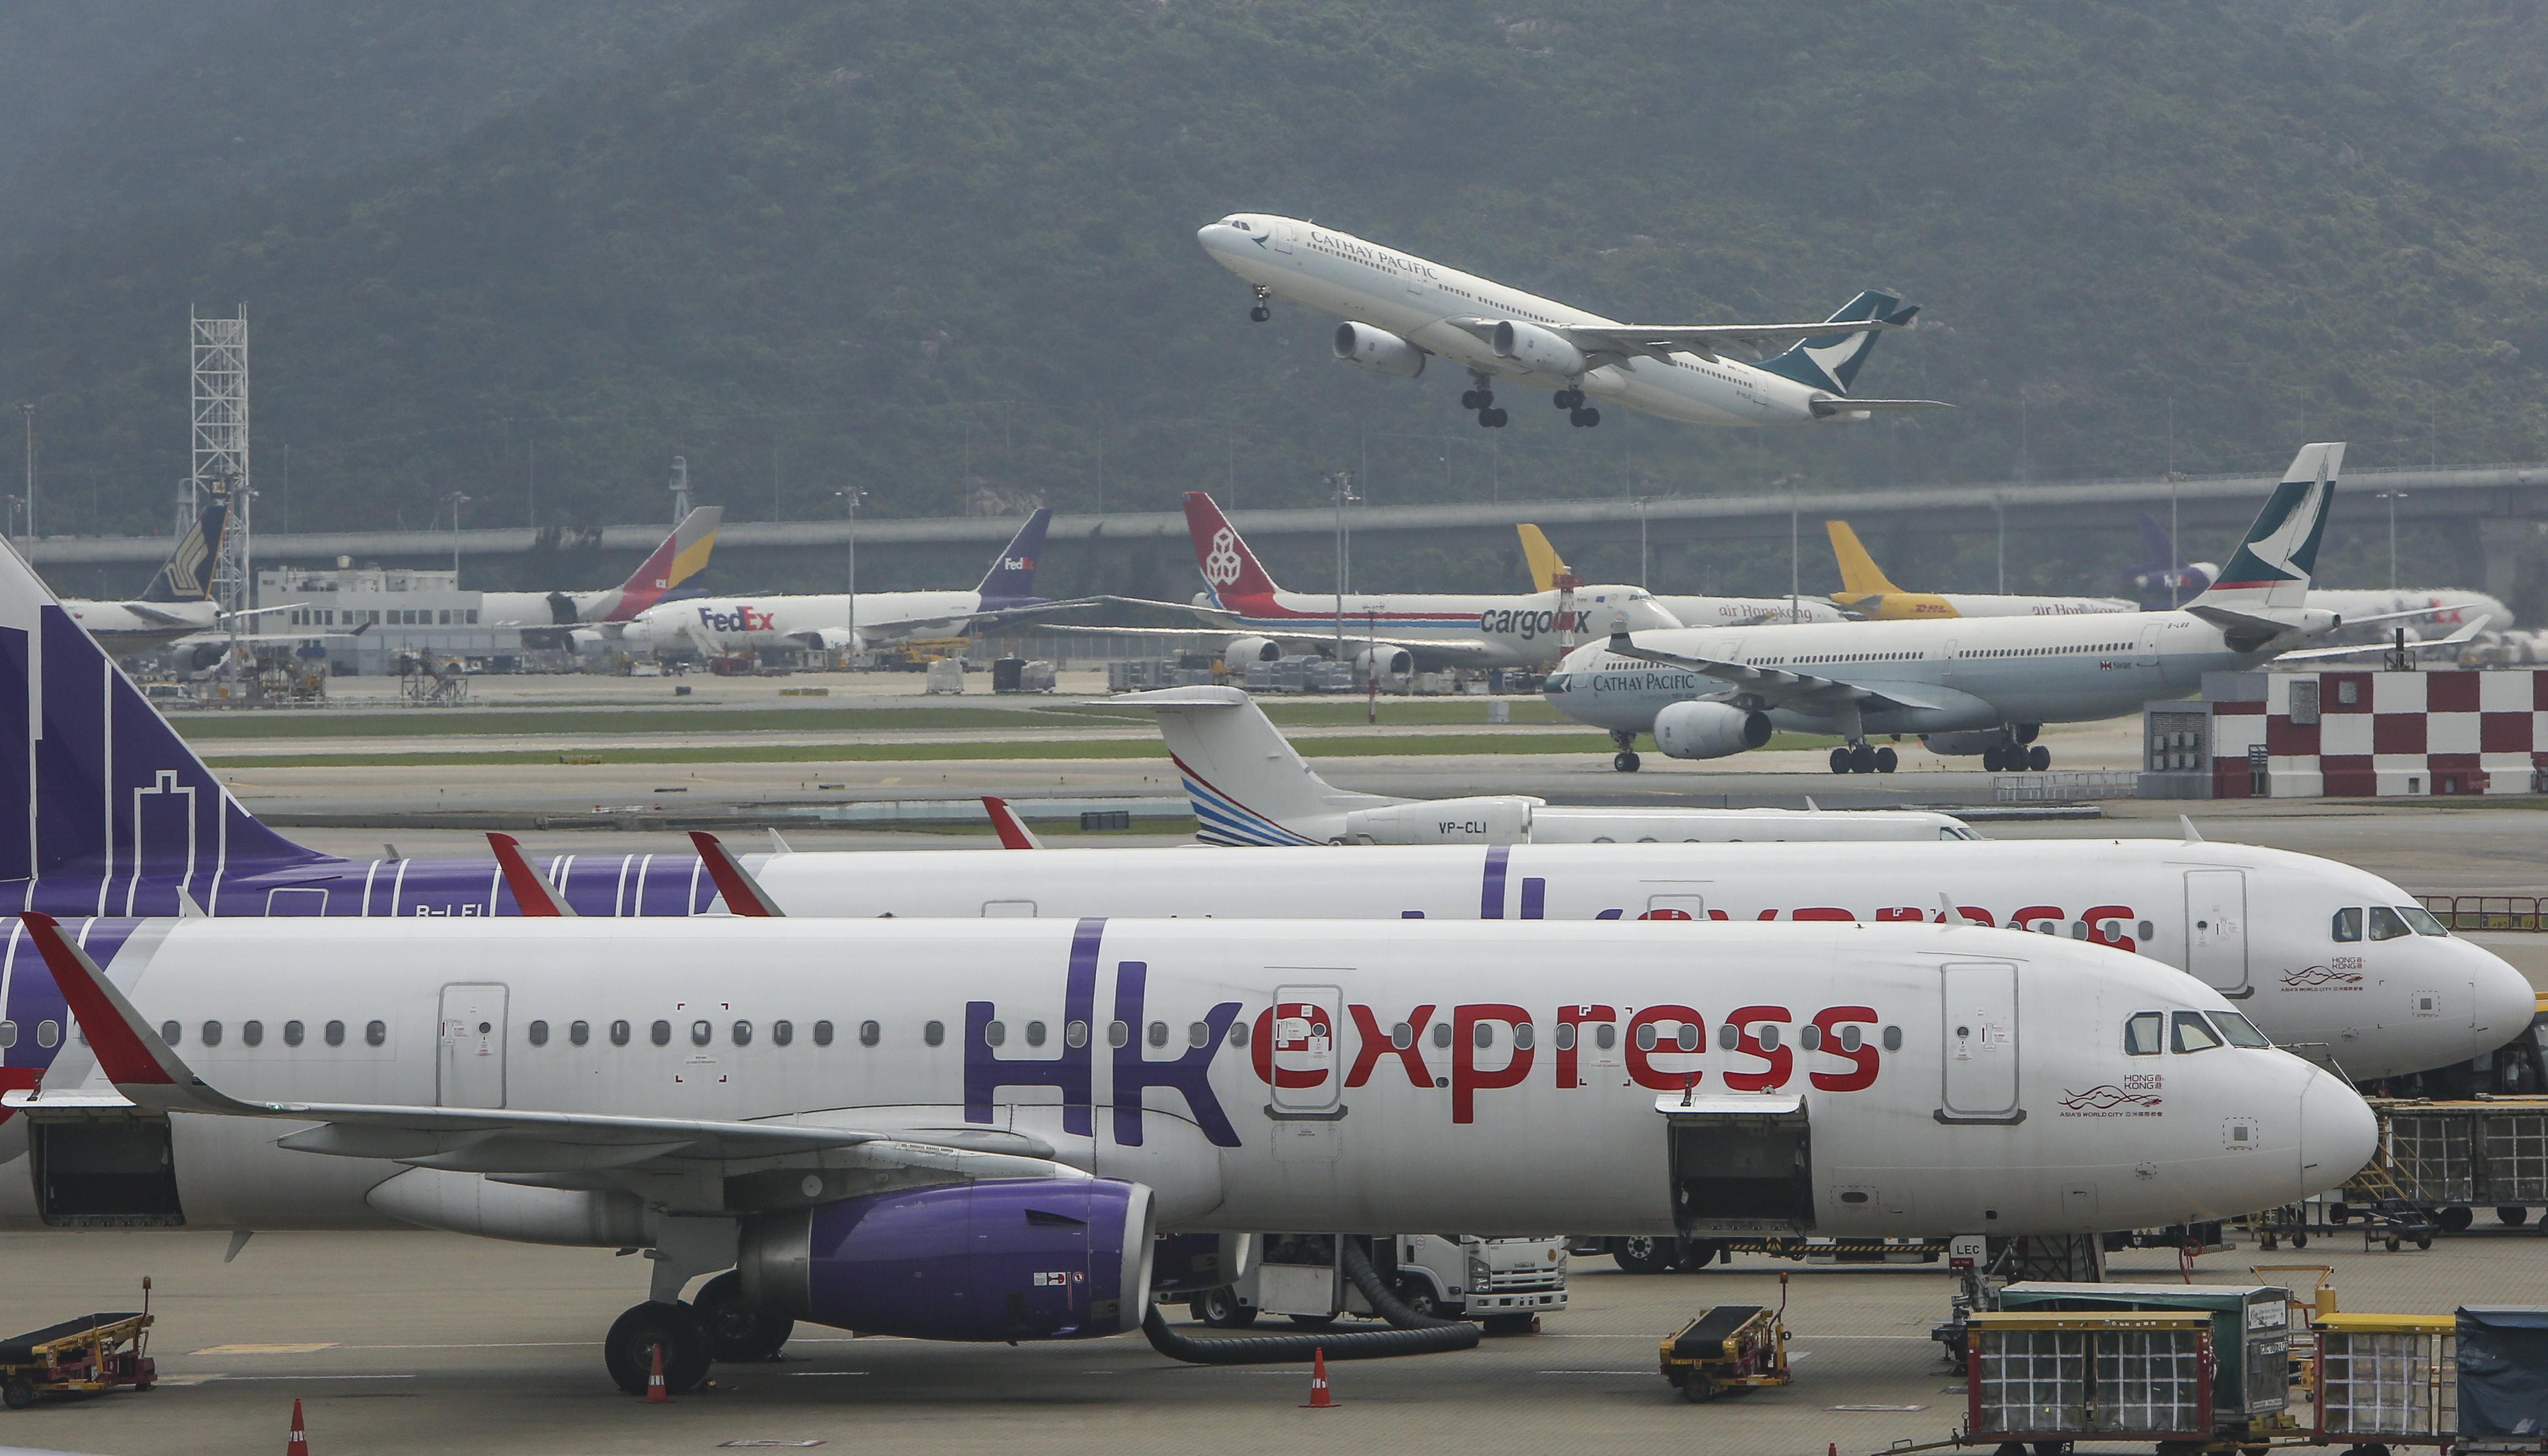 Hong Kong Airlines | South China Morning Post